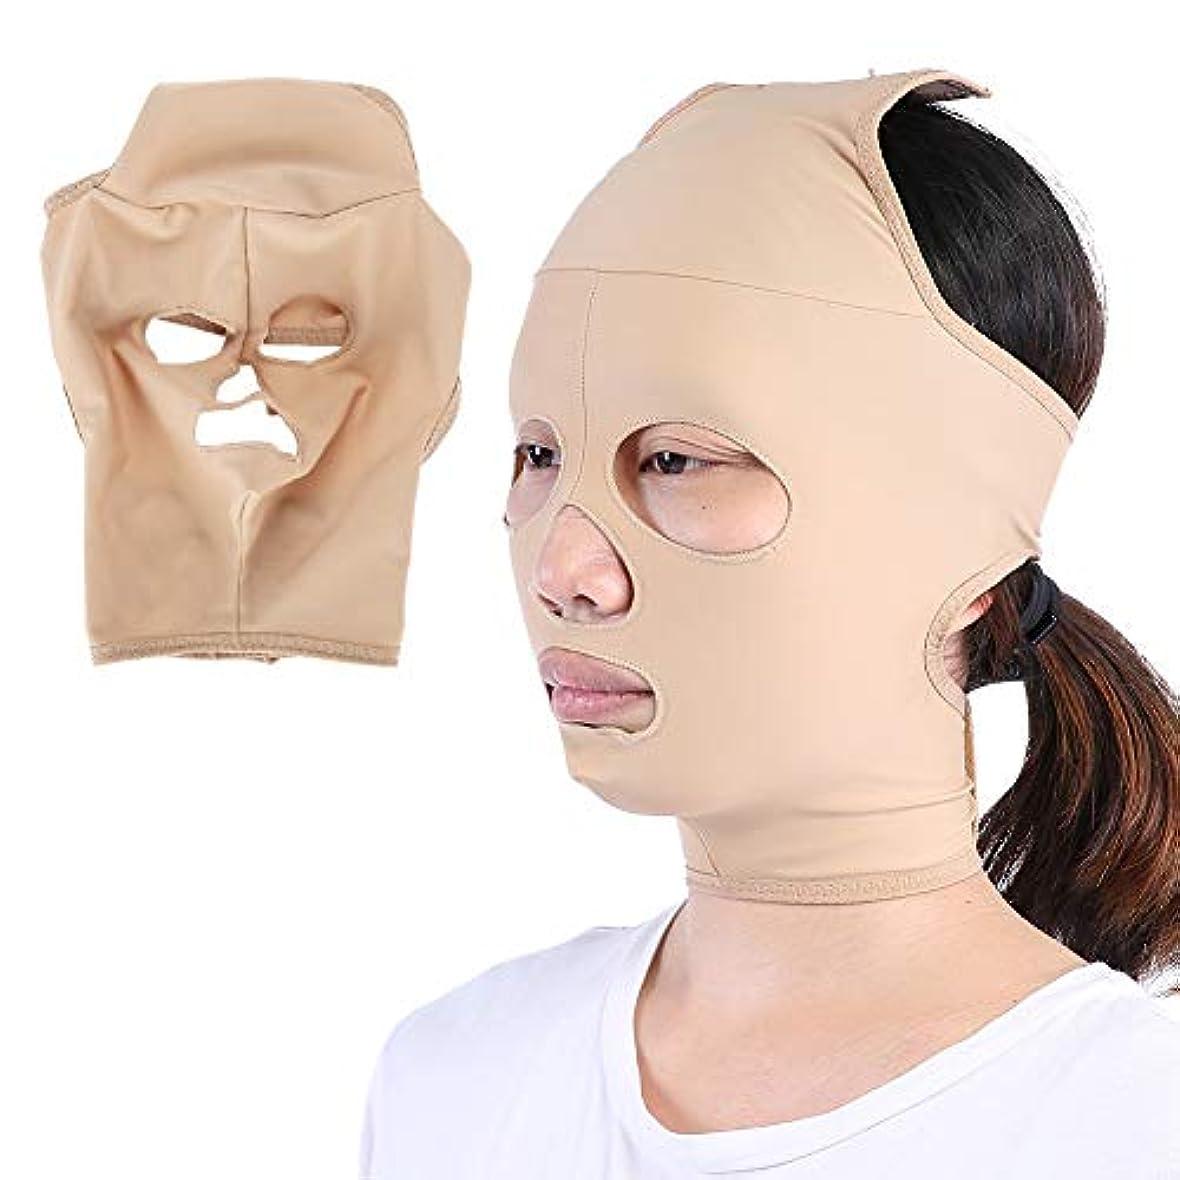 これらペグルート顔の减量のベルト、完全なカバレッジ 顔のVラインを向上させる 二重顎を減らす二重顎、スキンケア包帯(L)